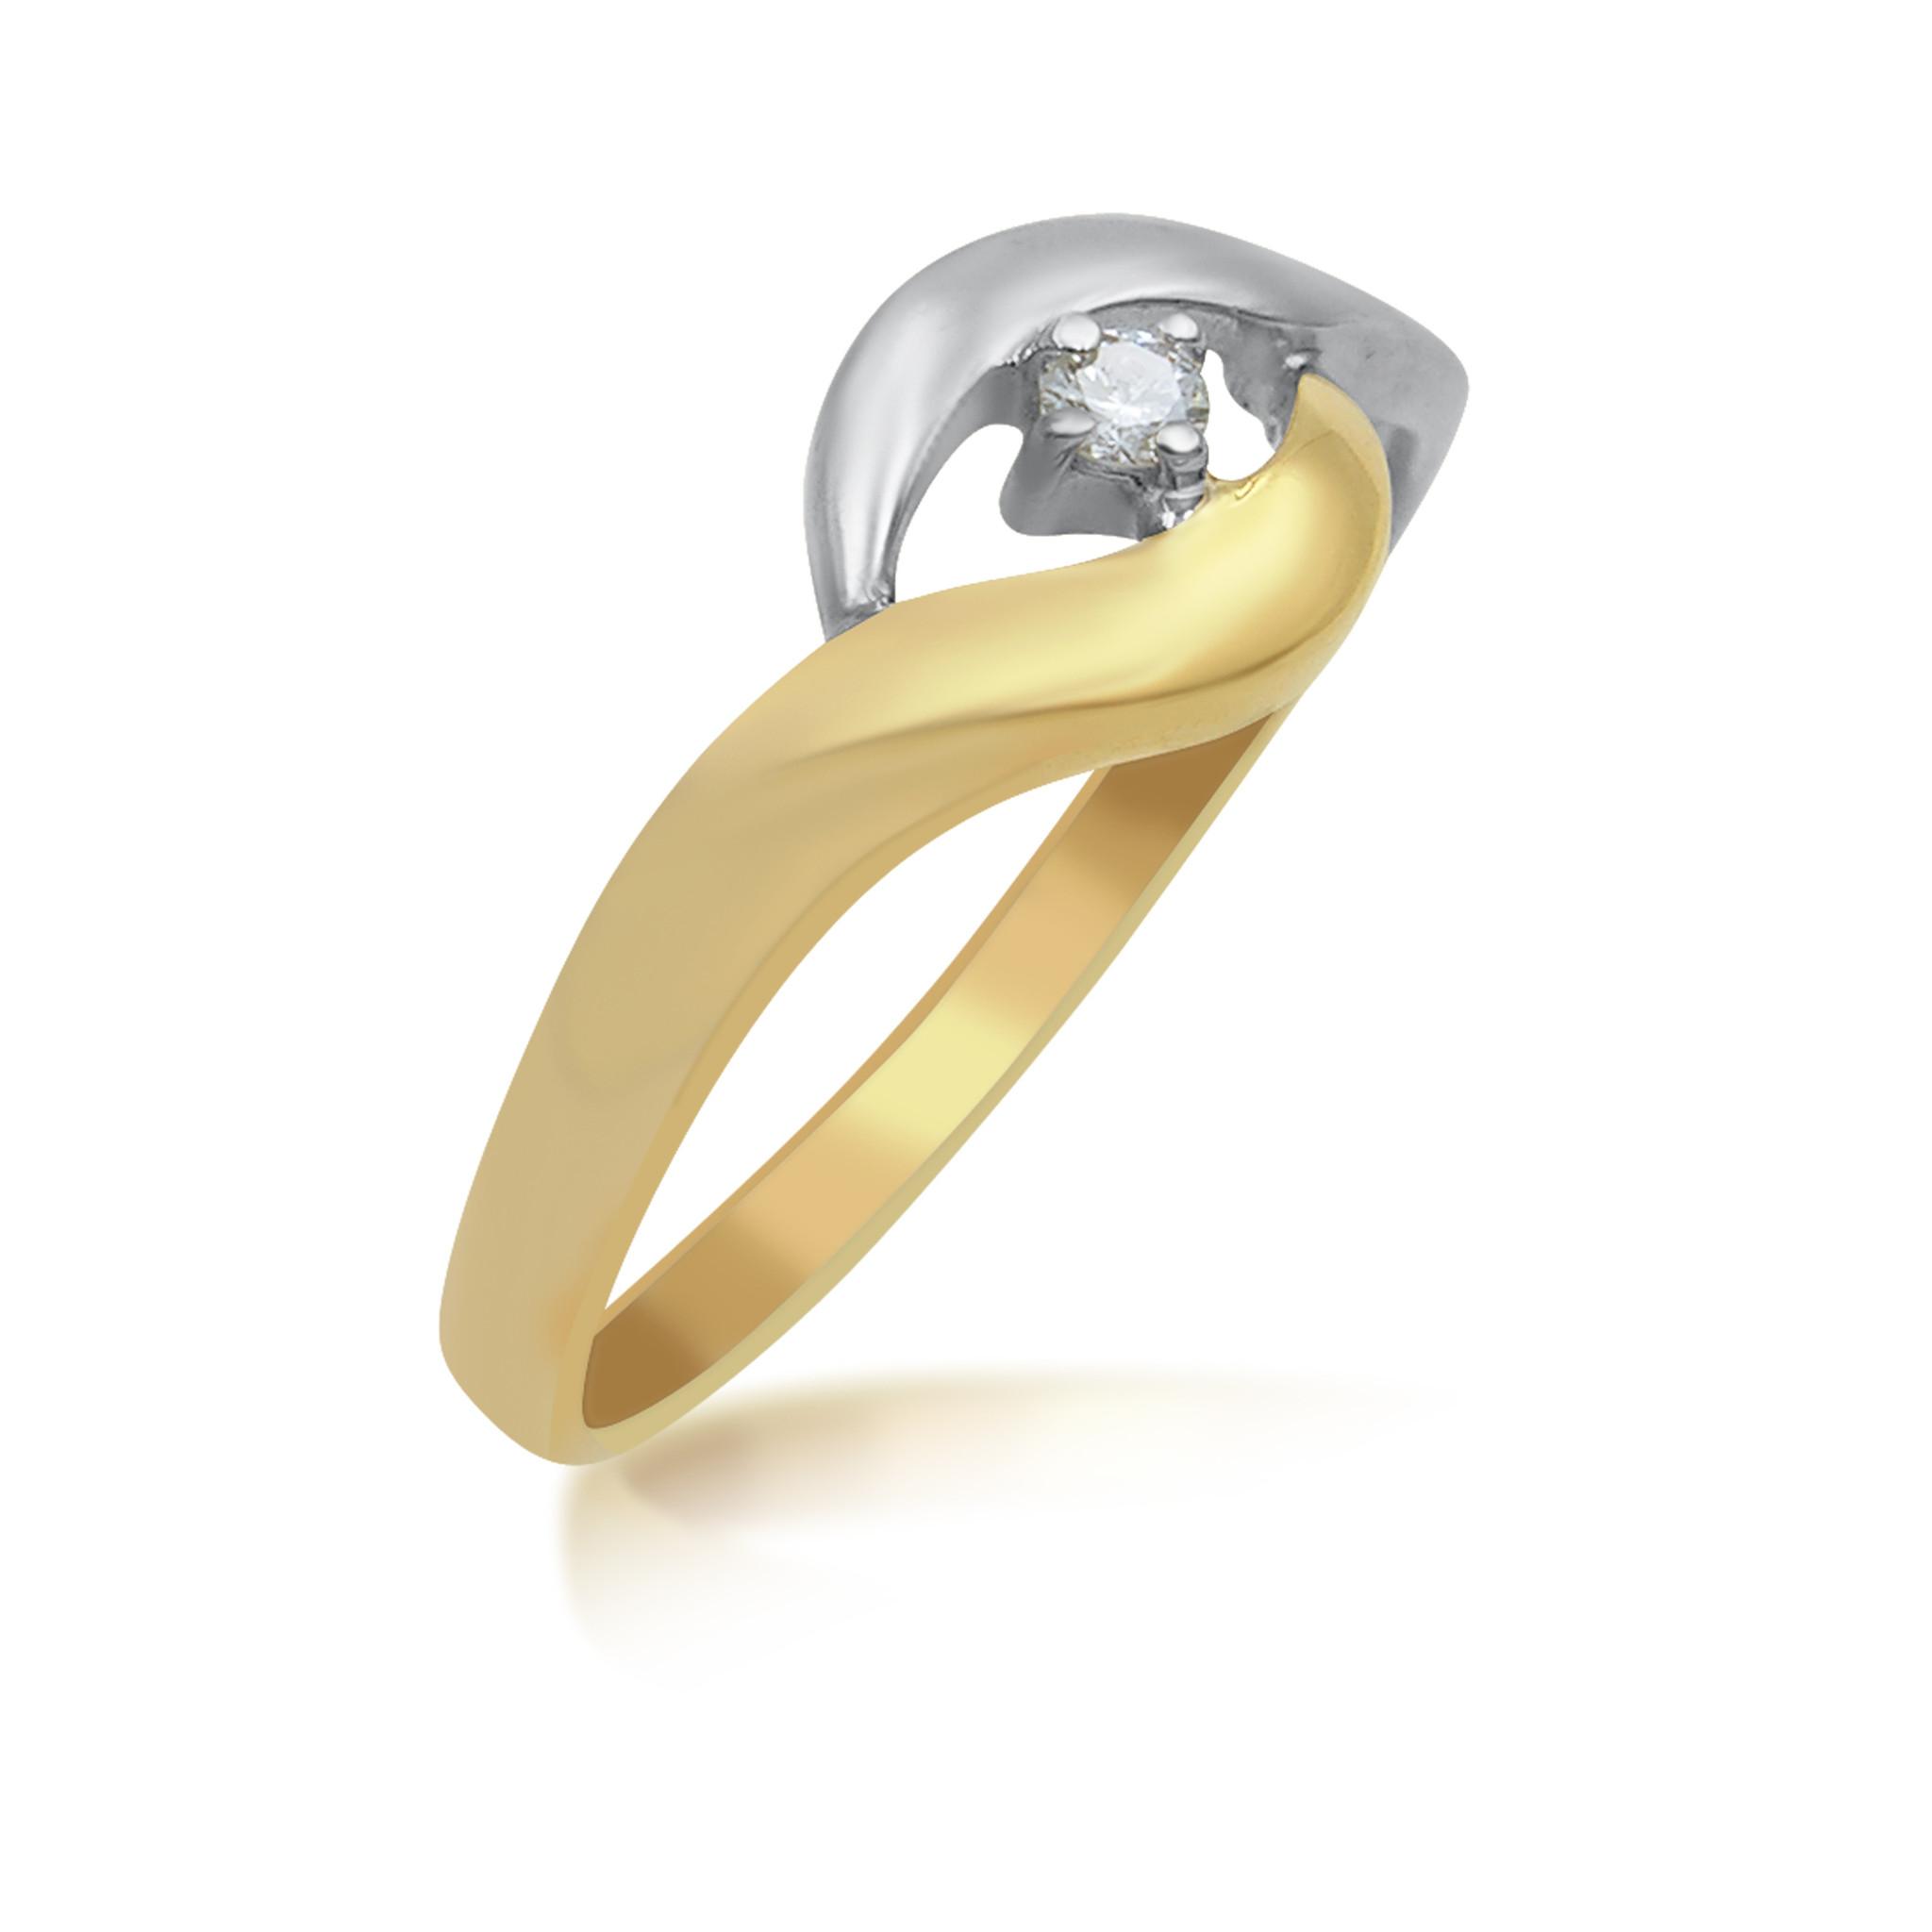 18 karaat geel en wit goud verlovingsring met 0.03 ct diamant